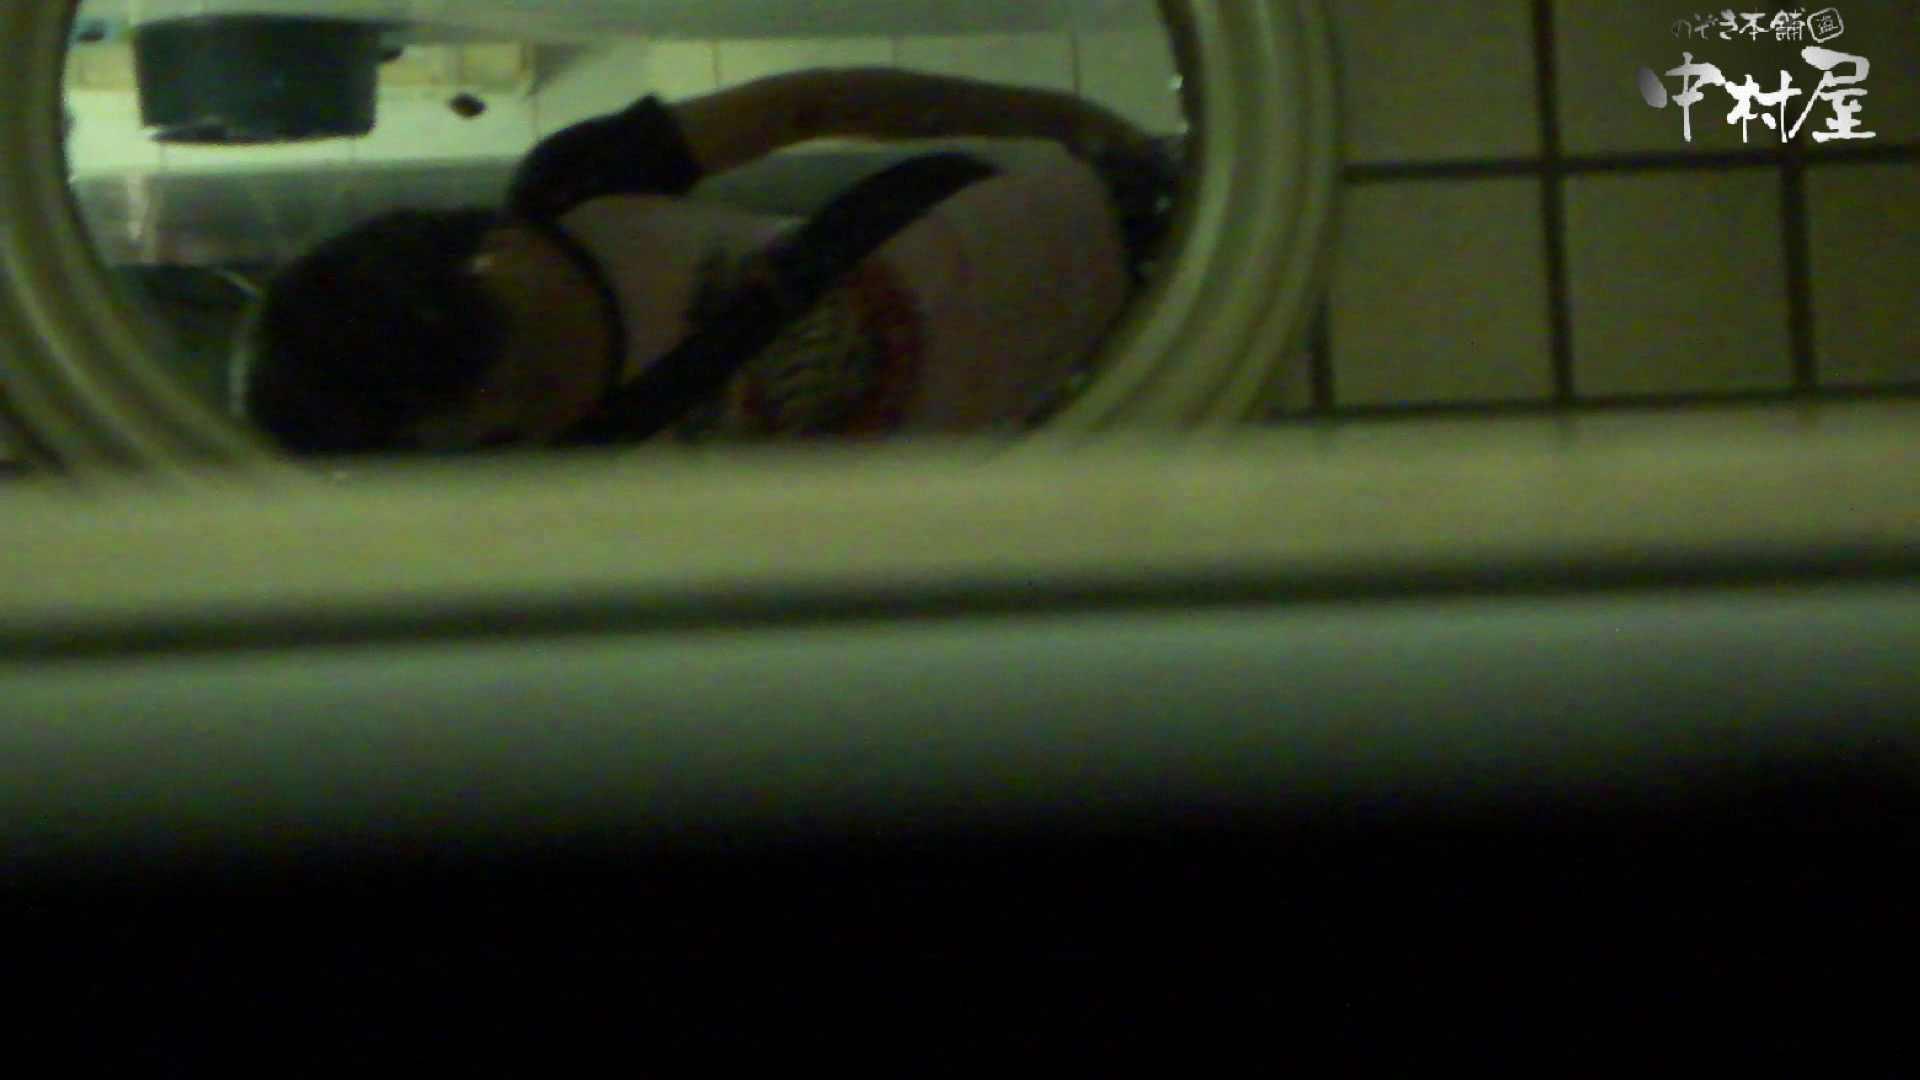 【美人が集まるファッションショッピングセンター洗面所盗SATU】ギャルのツルピカ潜入盗satu!Vol.09 高画質 隠し撮りオマンコ動画紹介 81連発 4